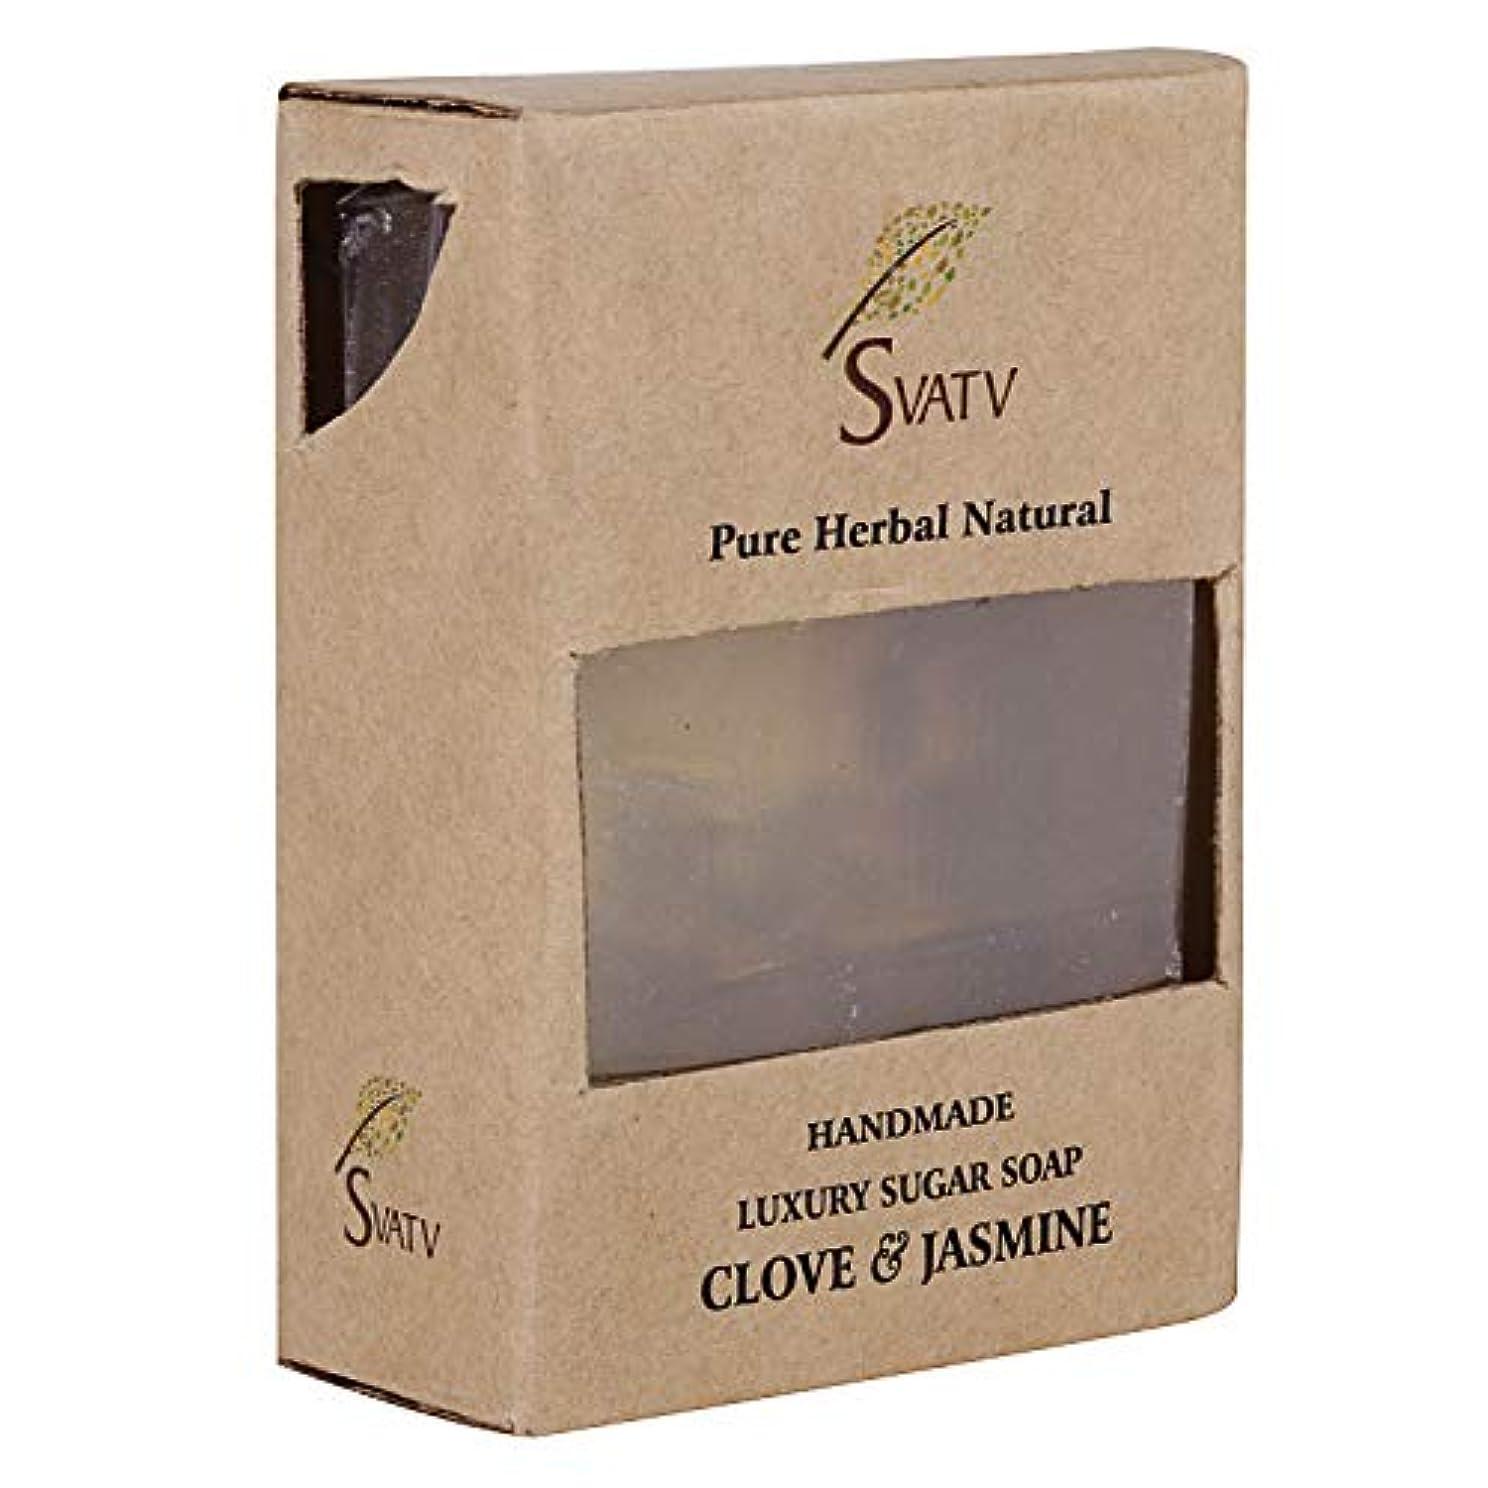 分泌する解くフィッティングSVATV Handmade Luxury Sugar Natural Soap ll Clove & Jasmine ll For All Skin types 100g Bar ll Kosher Certified